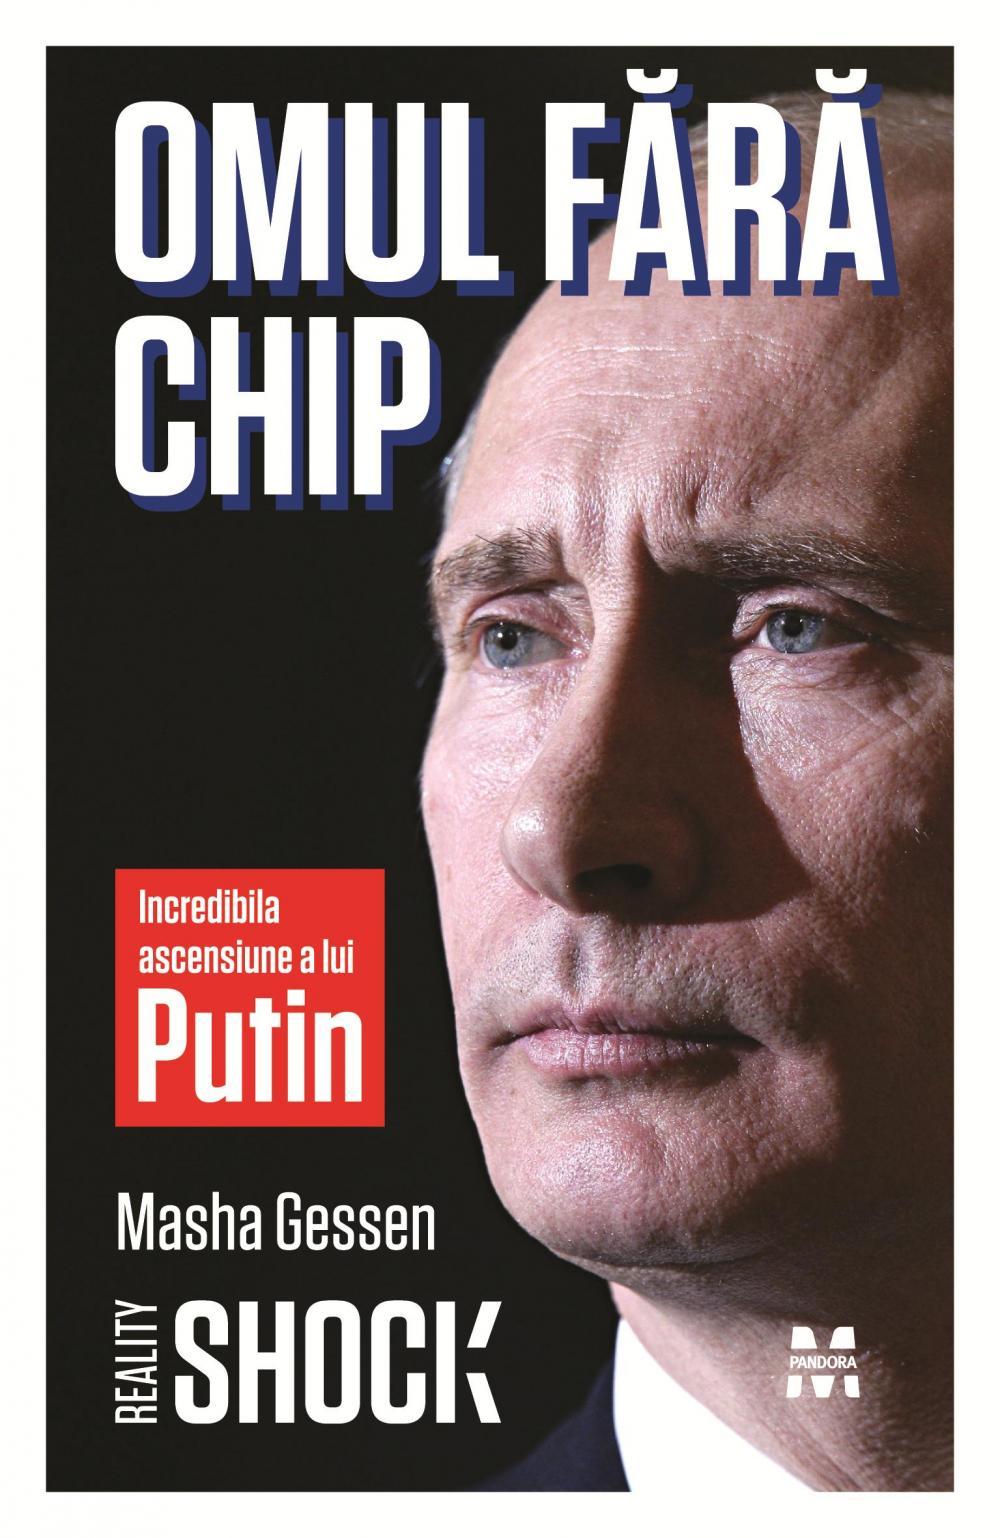 Pe urmele lui Putin